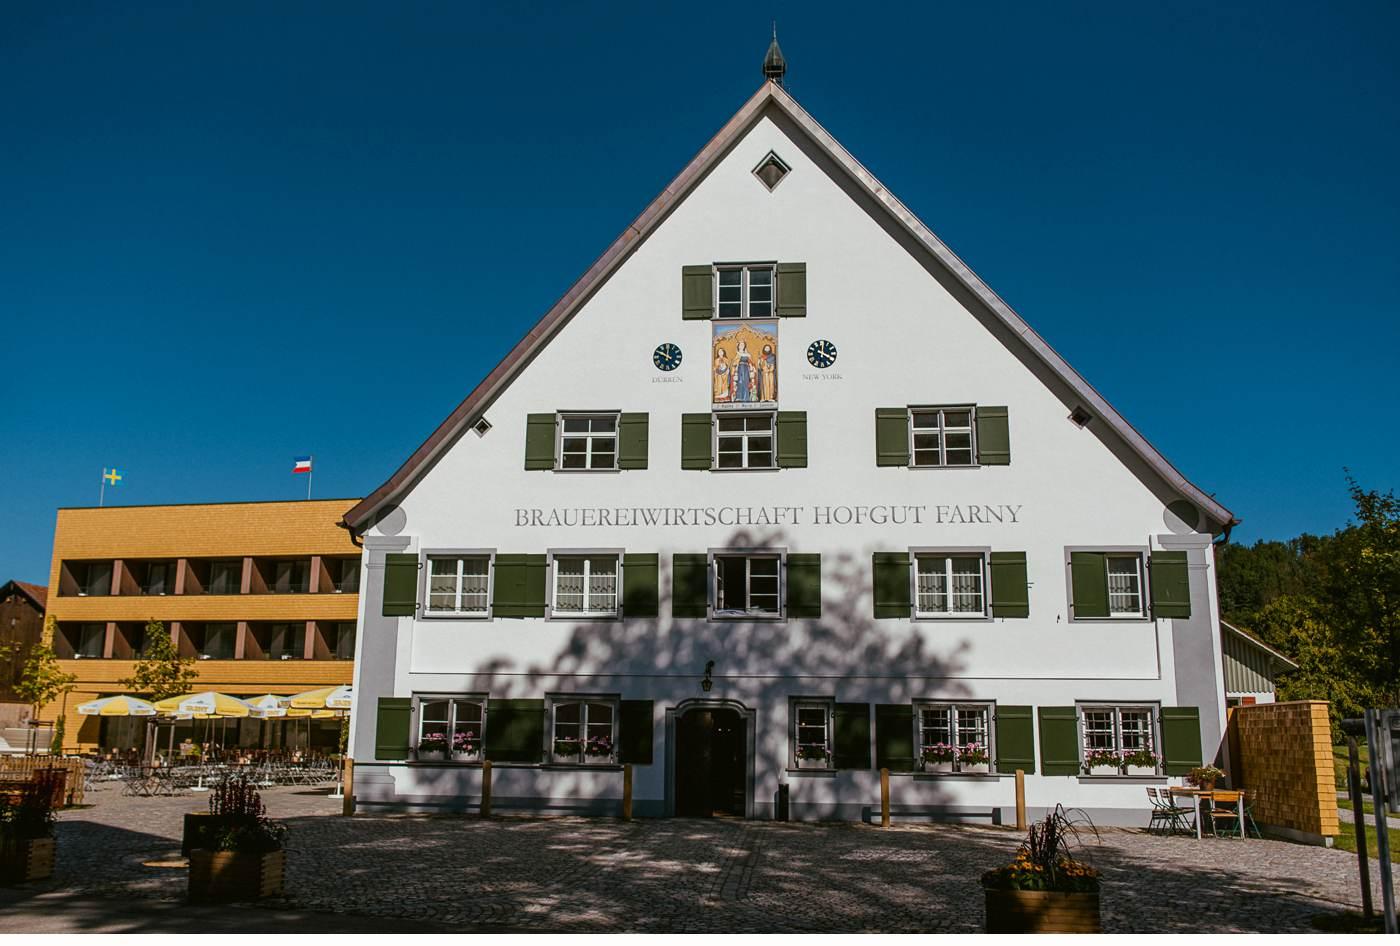 hofgut-duerren-hotel-farny-zwischen-bodensee-und-allgaeu-16-von-77